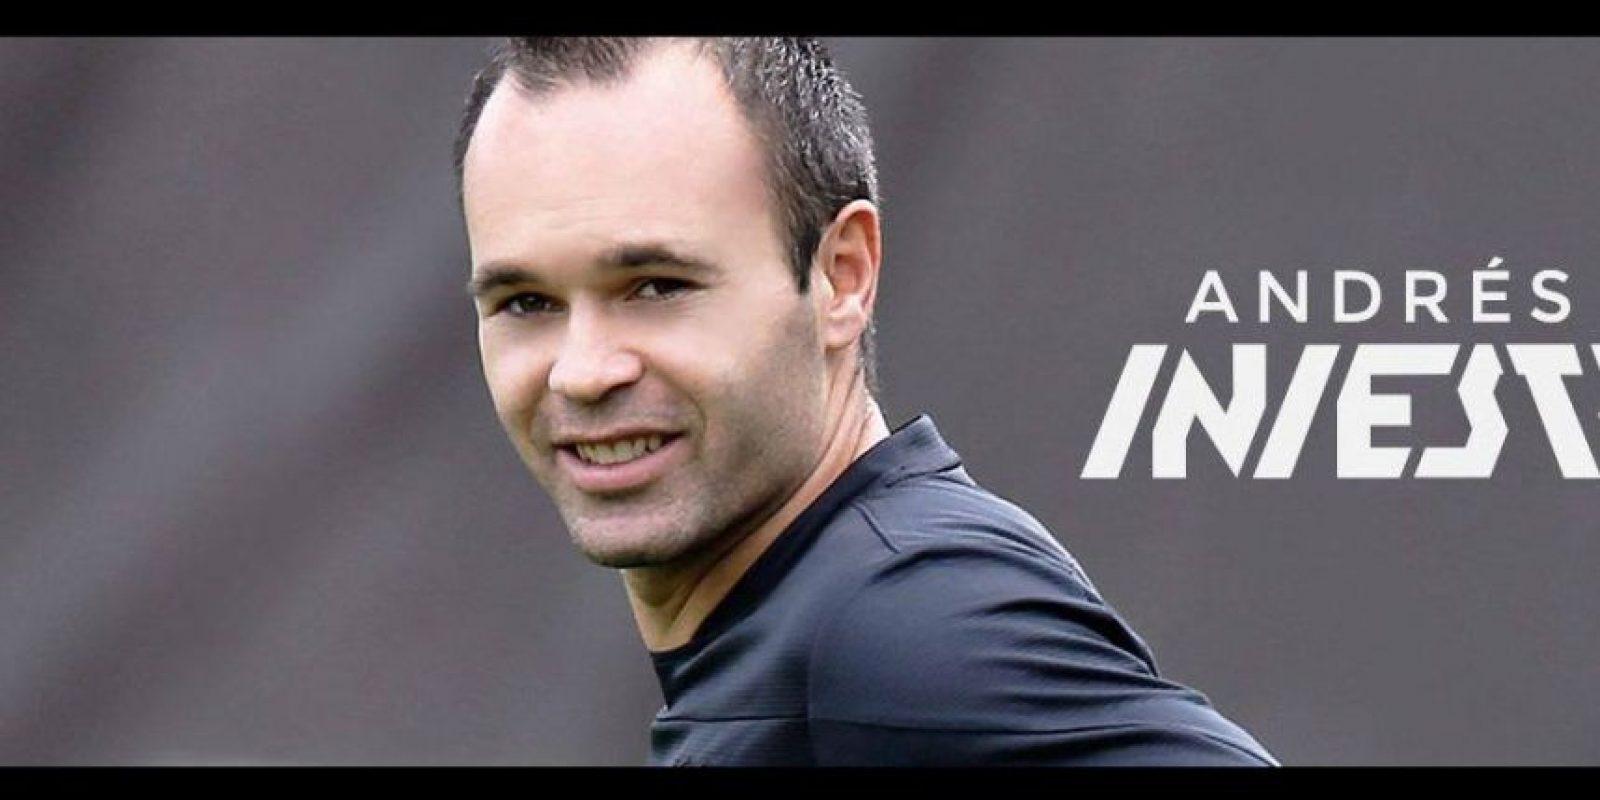 6. Andrés Iniesta Foto:Vía facebook.com/AndresIniesta